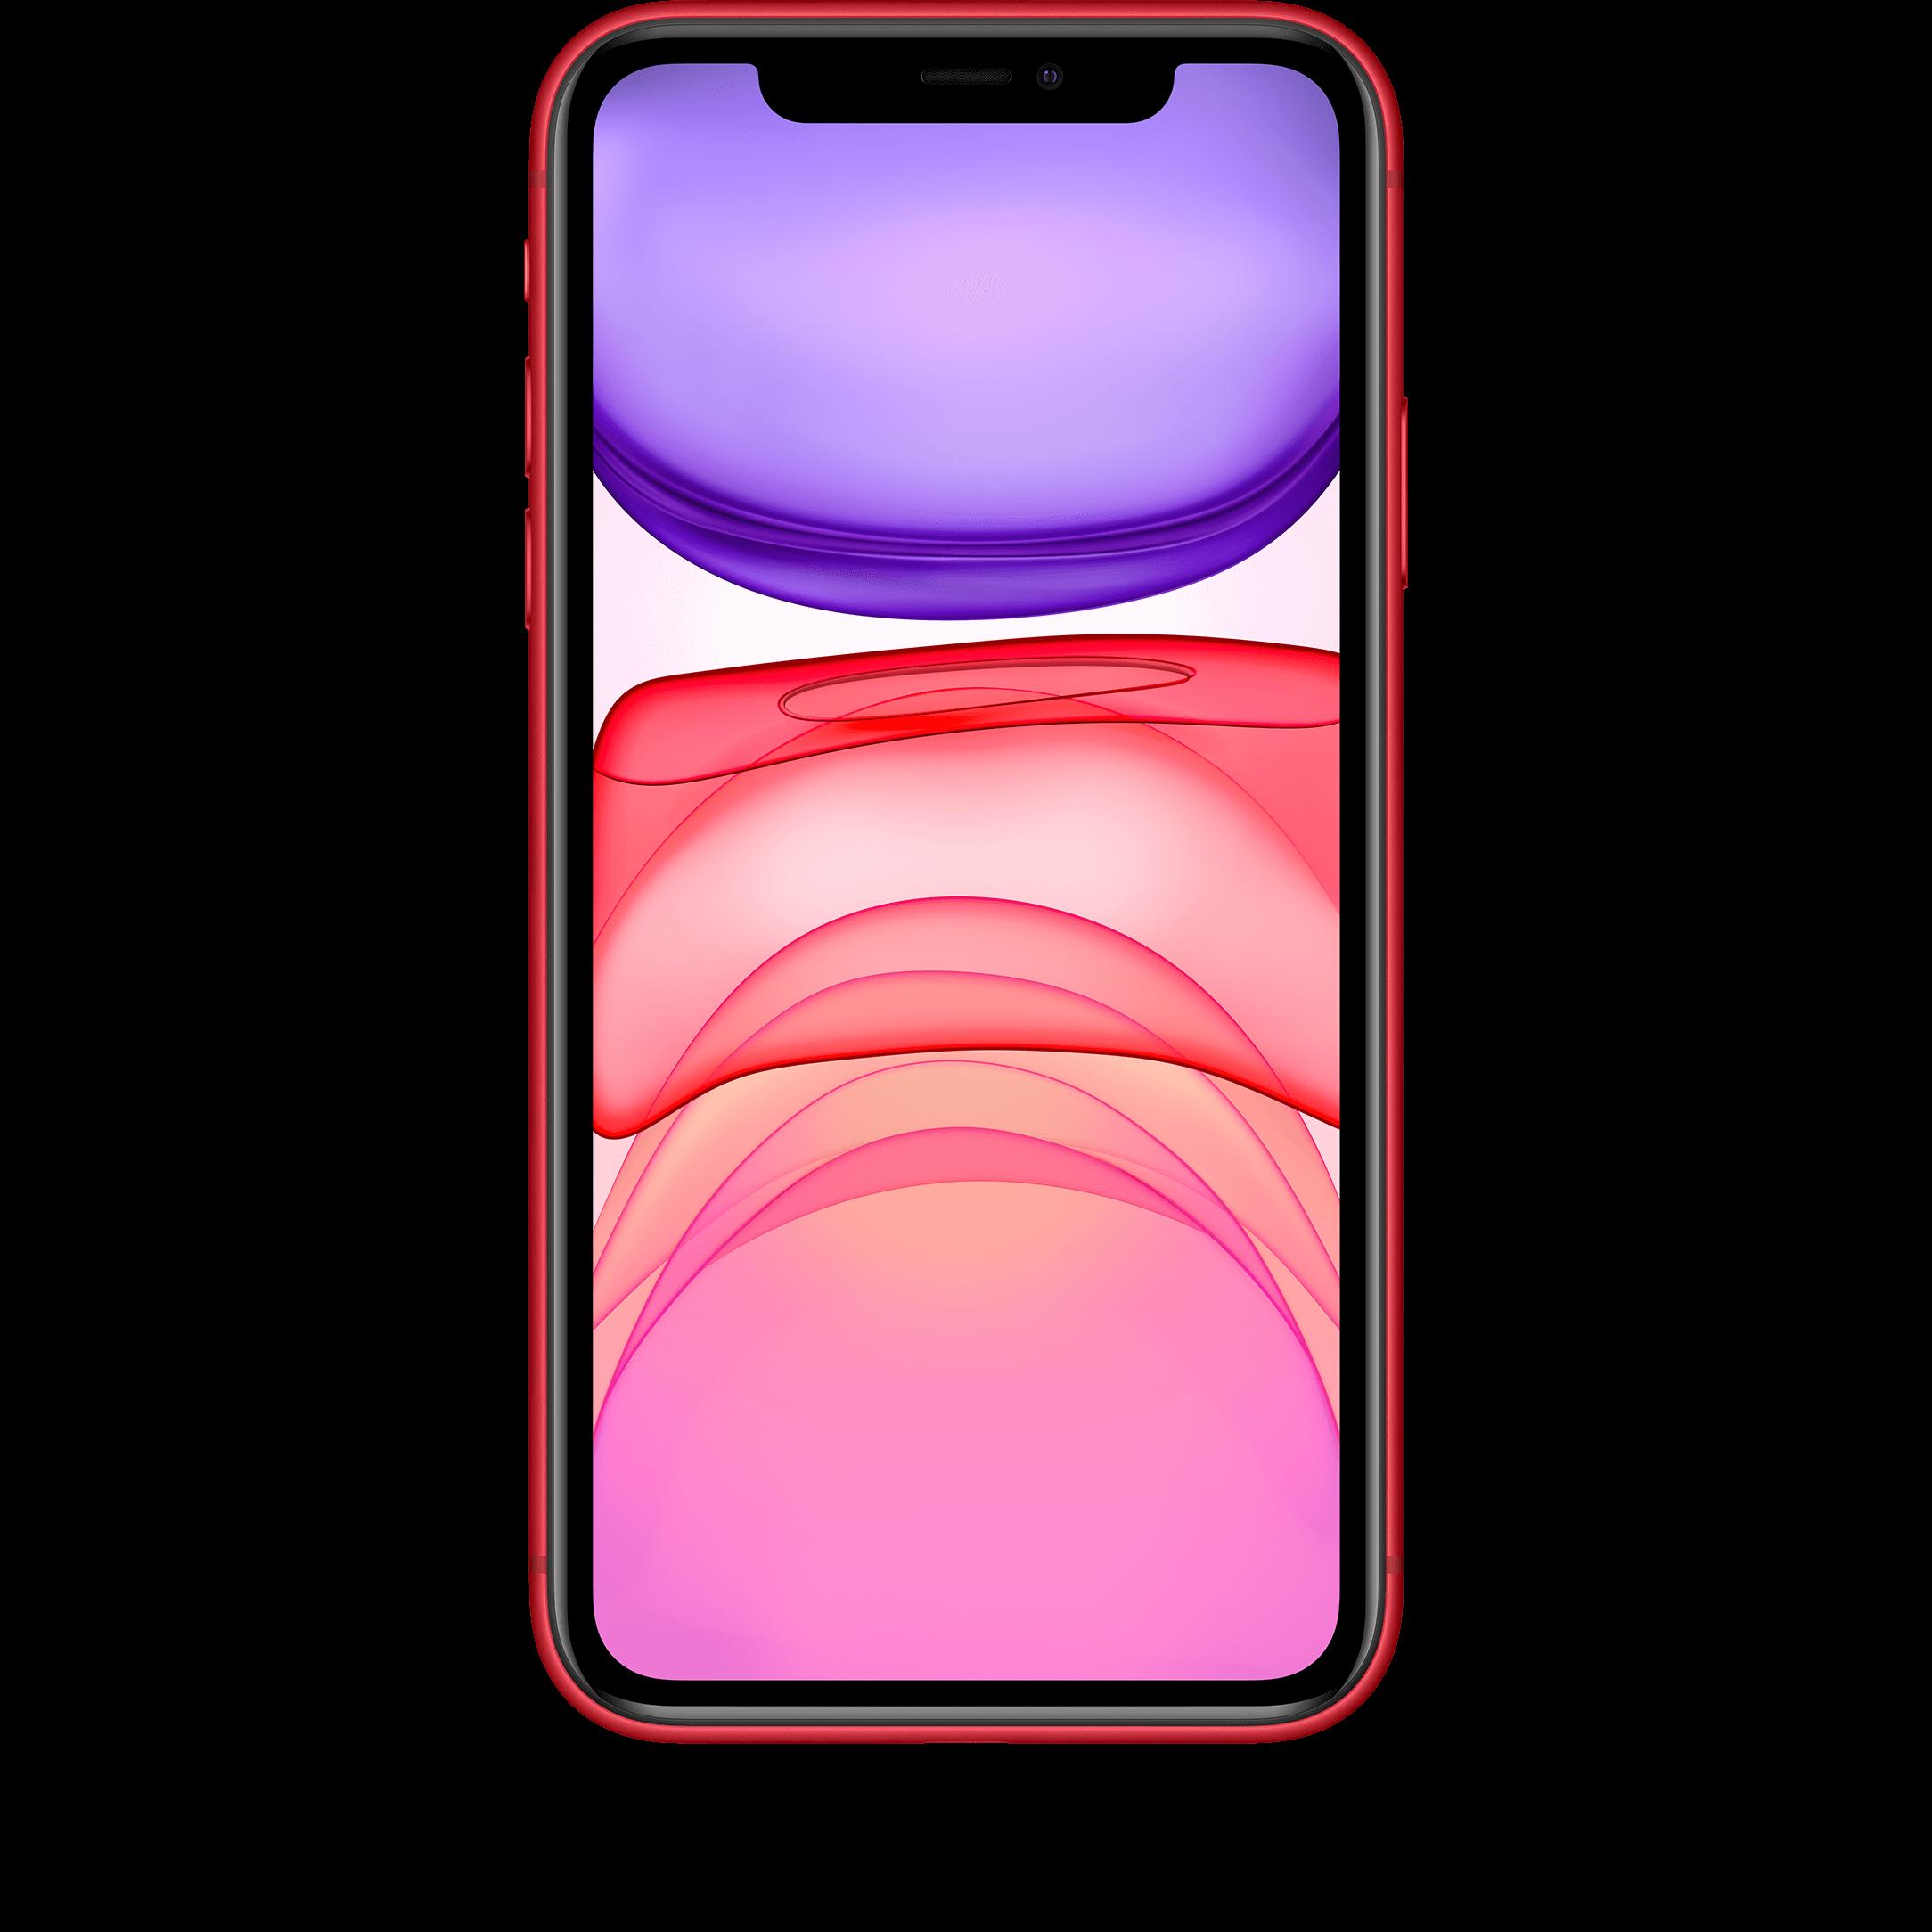 Günstig Kaufen beim Preisvergleich-Apple iPhone 11 256 GB rot mit Allnet Flat Flex.